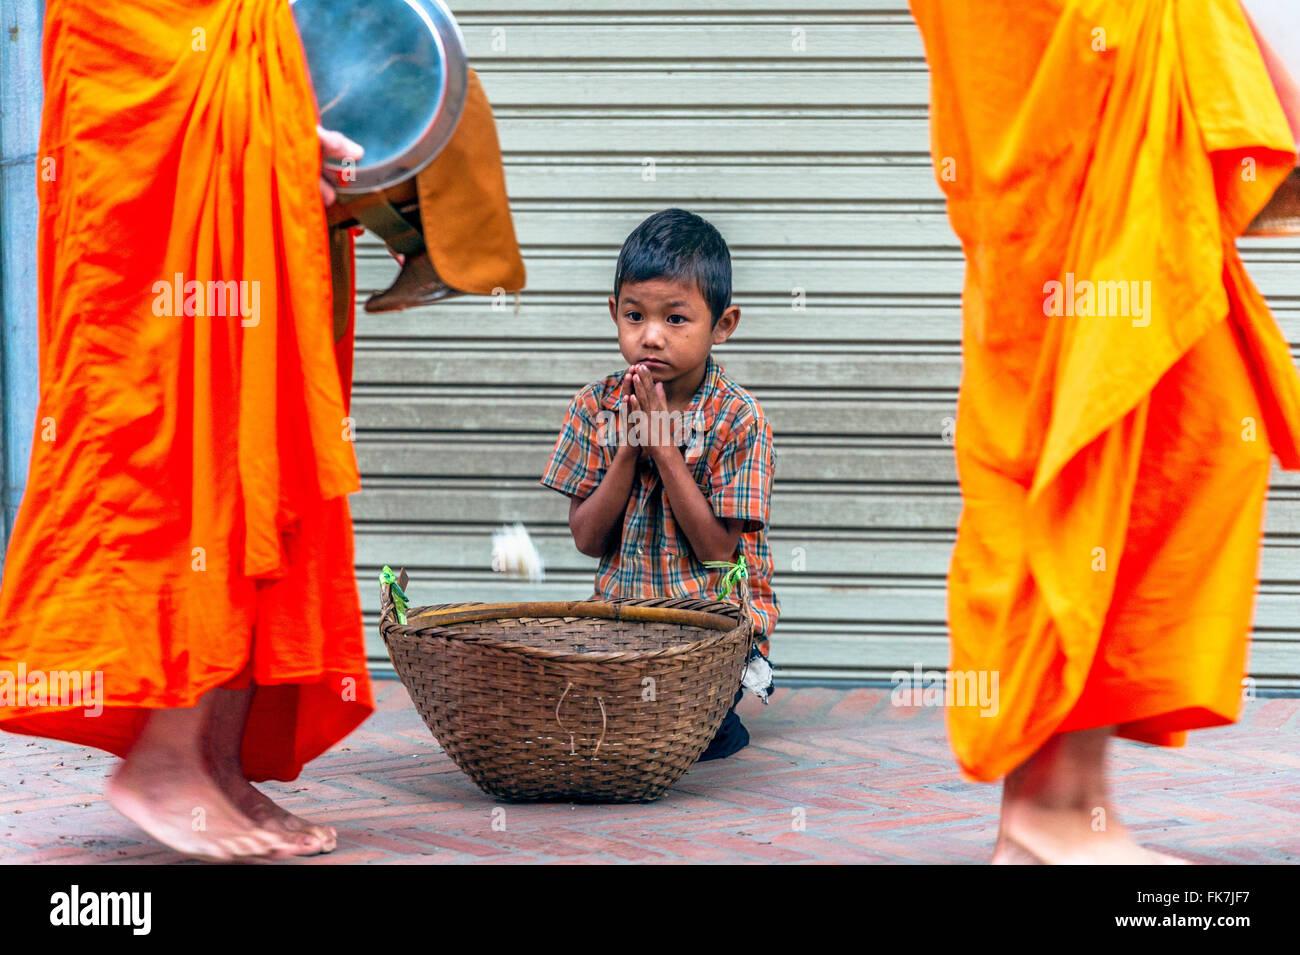 L'Asie. L'Asie du Sud-Est. Le Laos. Province de Luang Prabang, ville de Luang Prabang, pauvre petit garçon Photo Stock